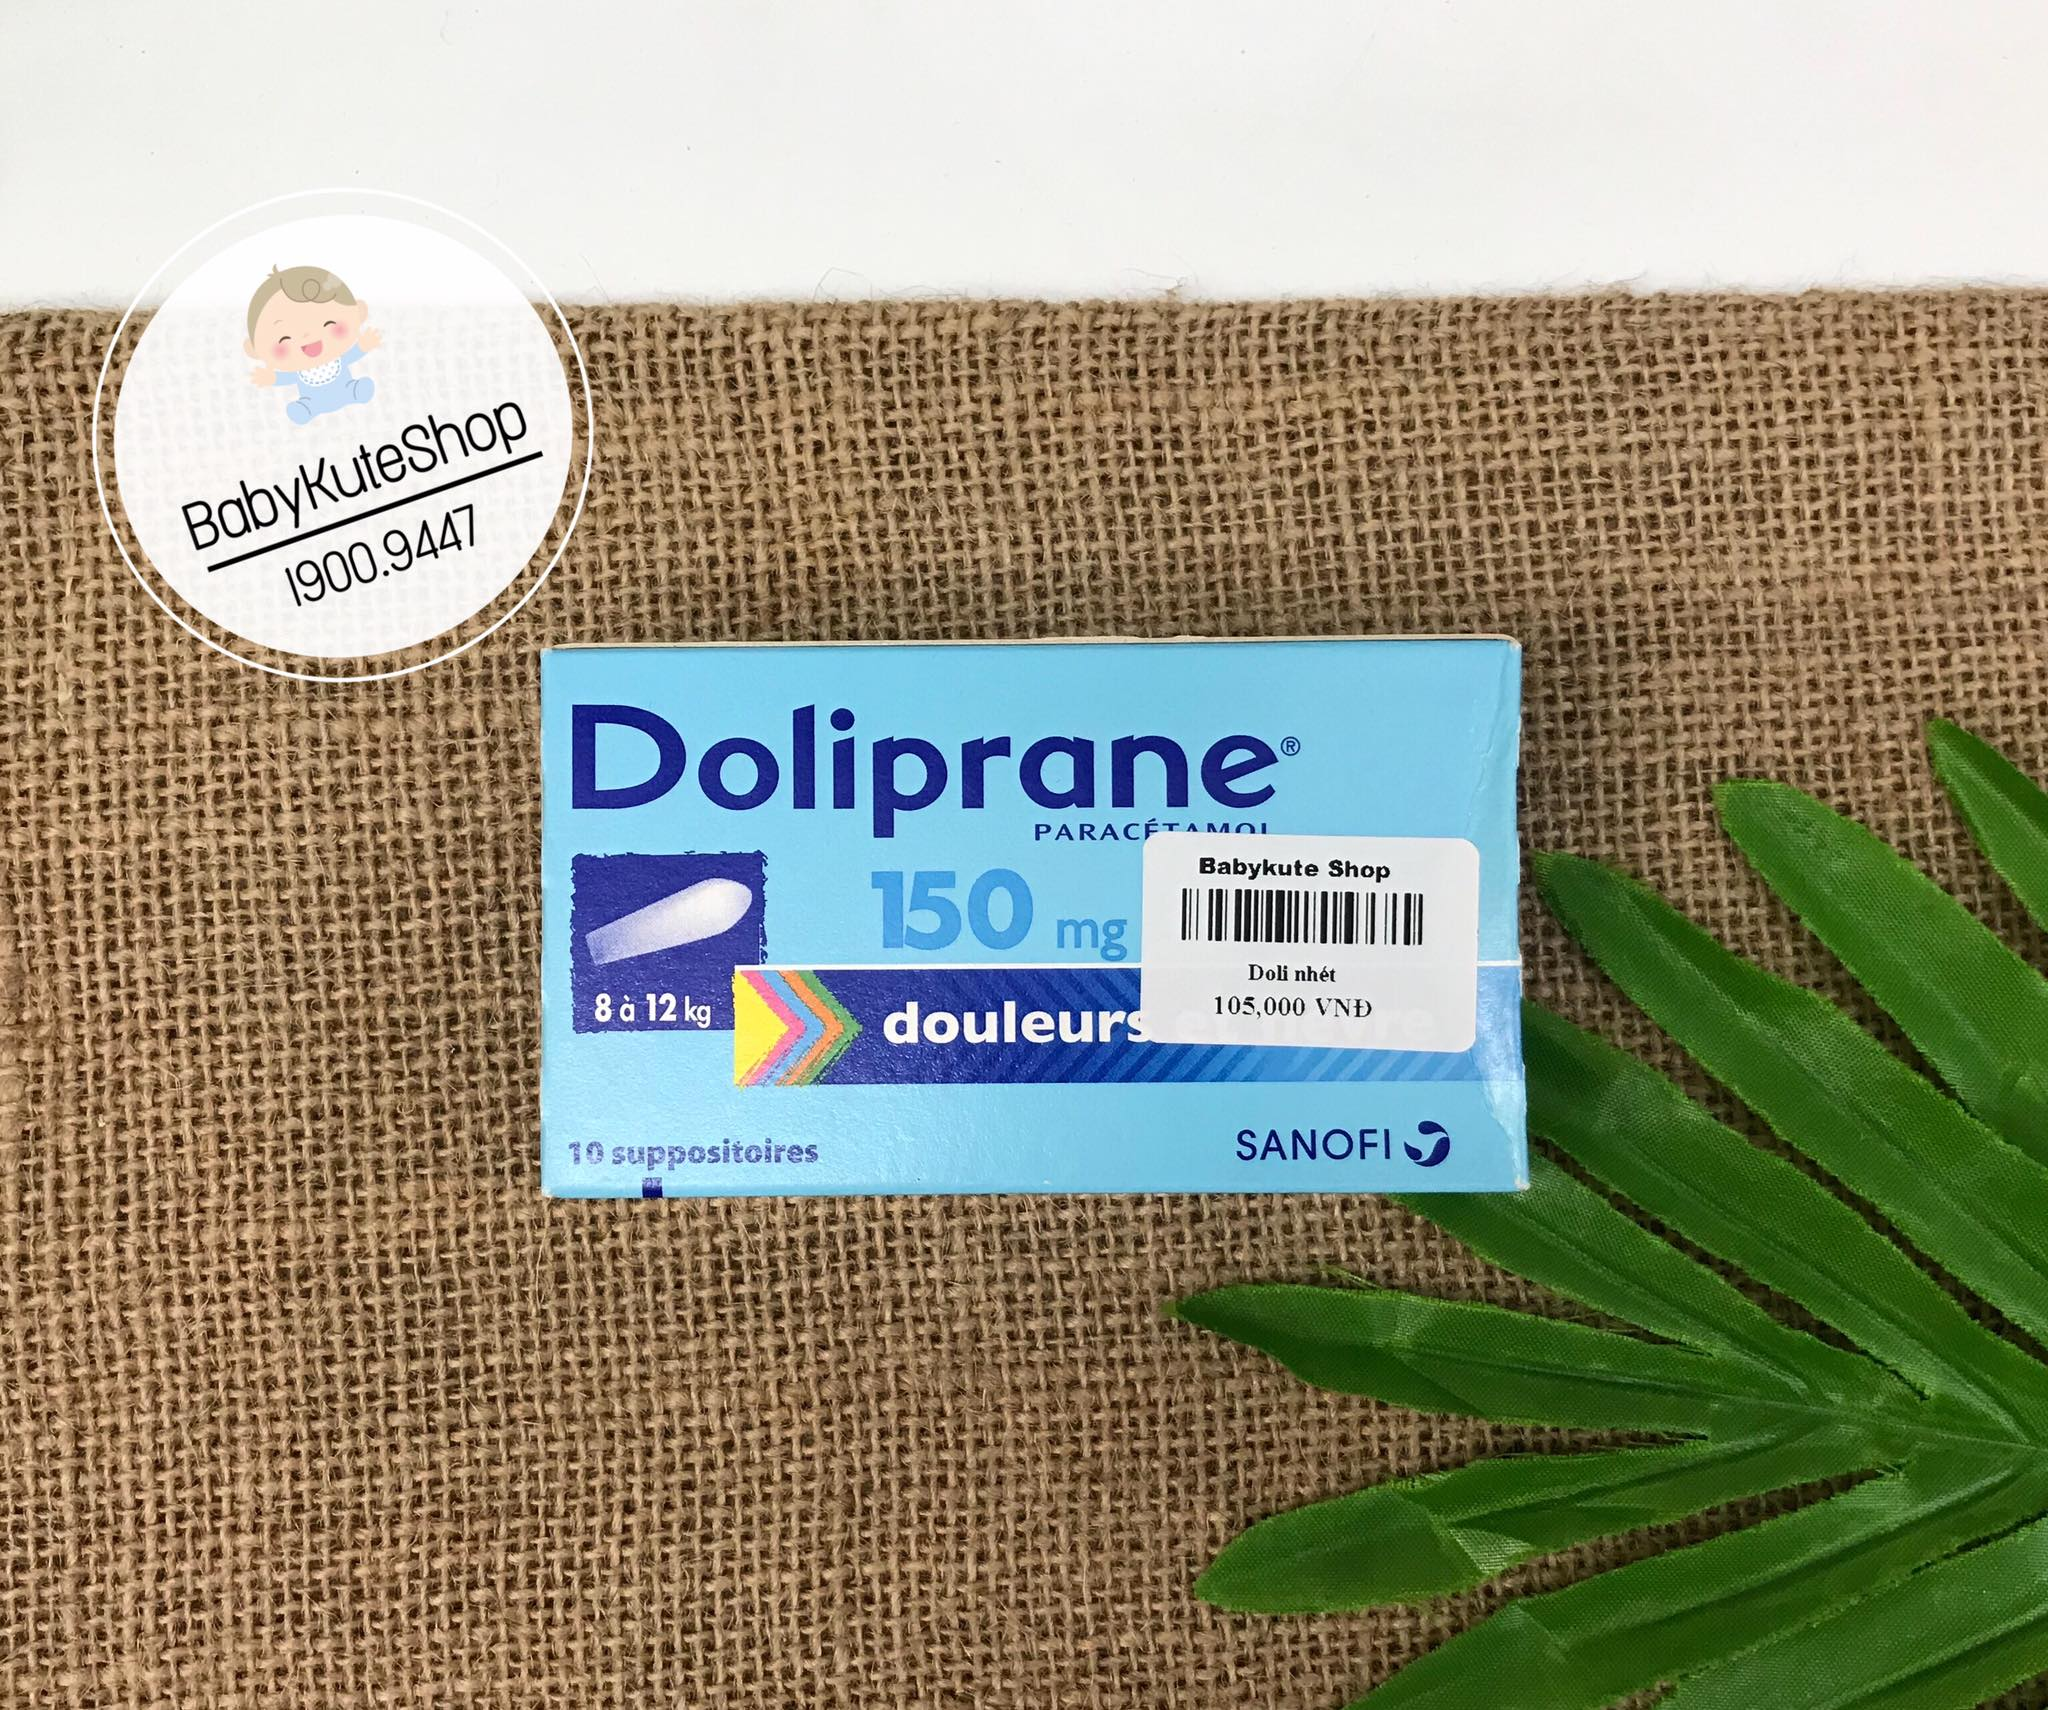 Thuốc hạ sốt Doliprane 150mg dành cho bé 8-12kg